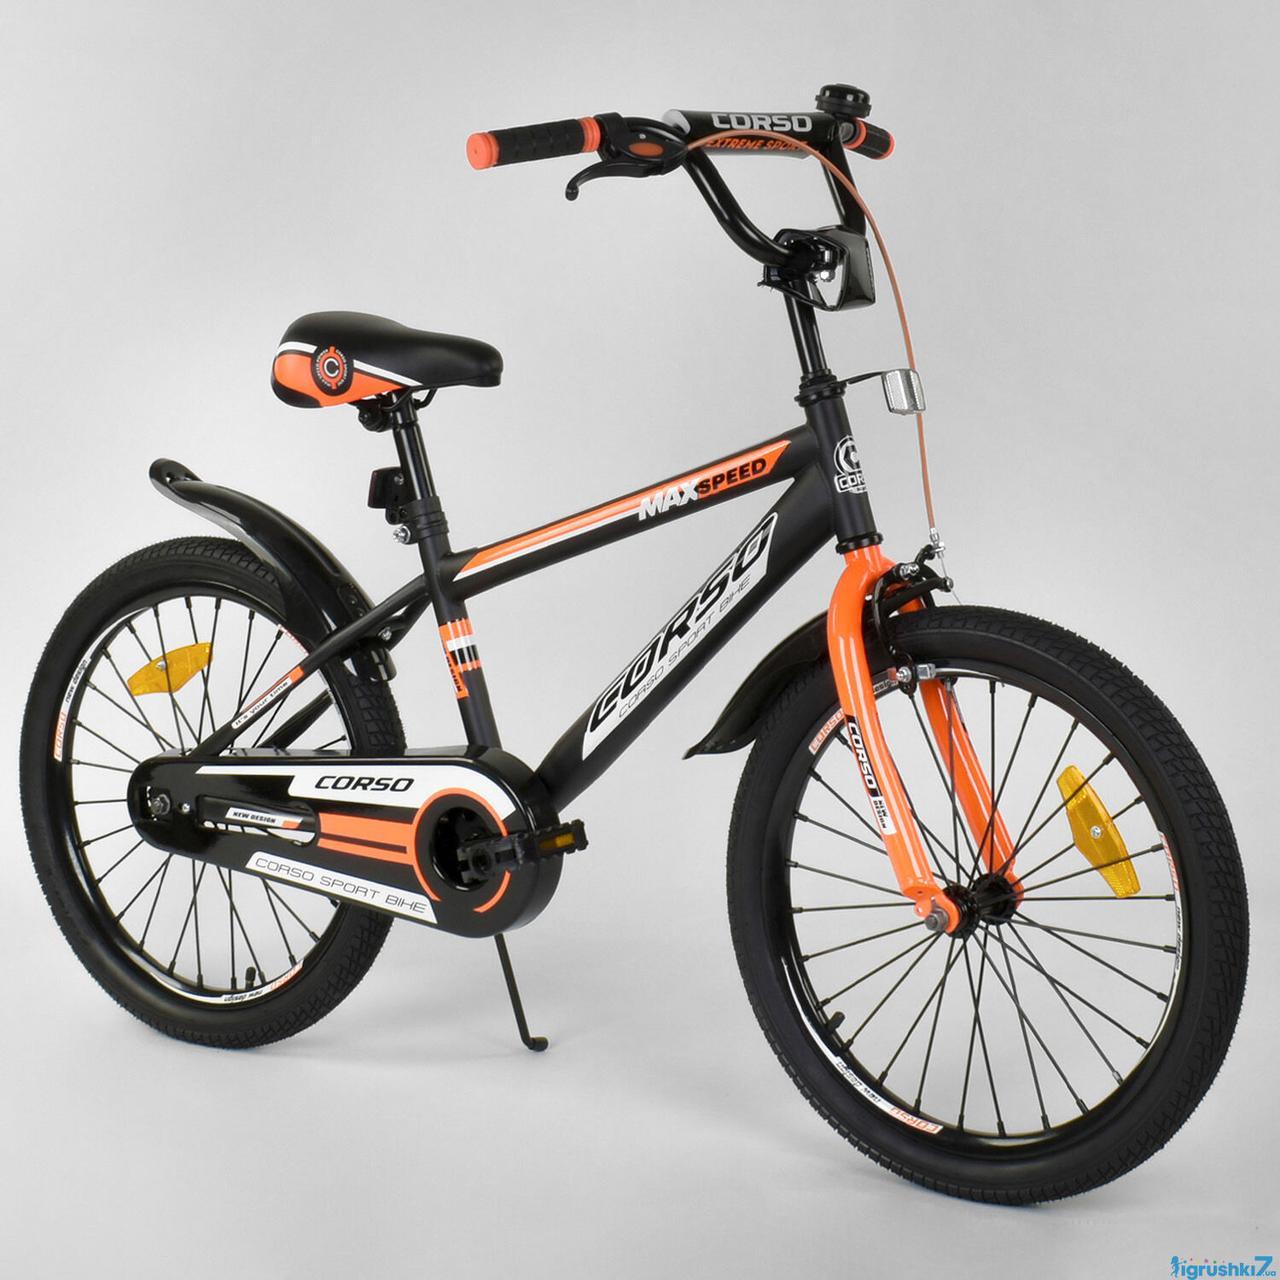 Двоколісний дитячий велосипед 20 дюймів CORSO ST-2904 чорно-помаранчевий